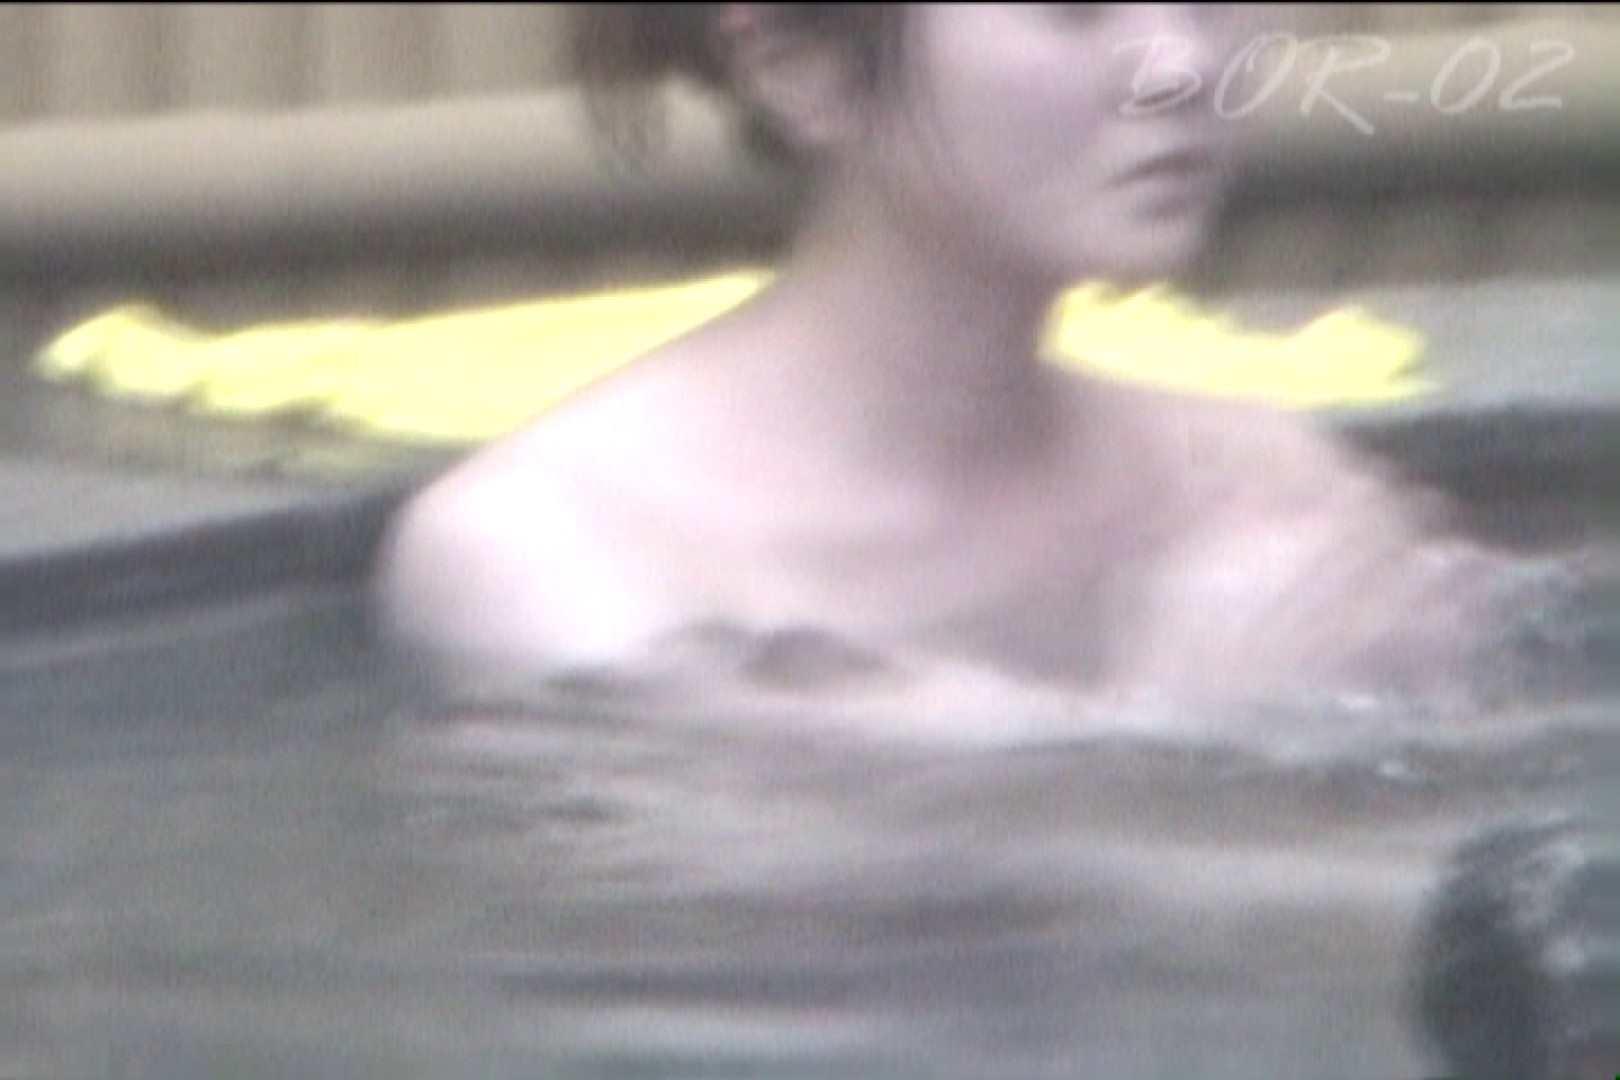 Aquaな露天風呂Vol.474 美しいOLの裸体  84pic 84